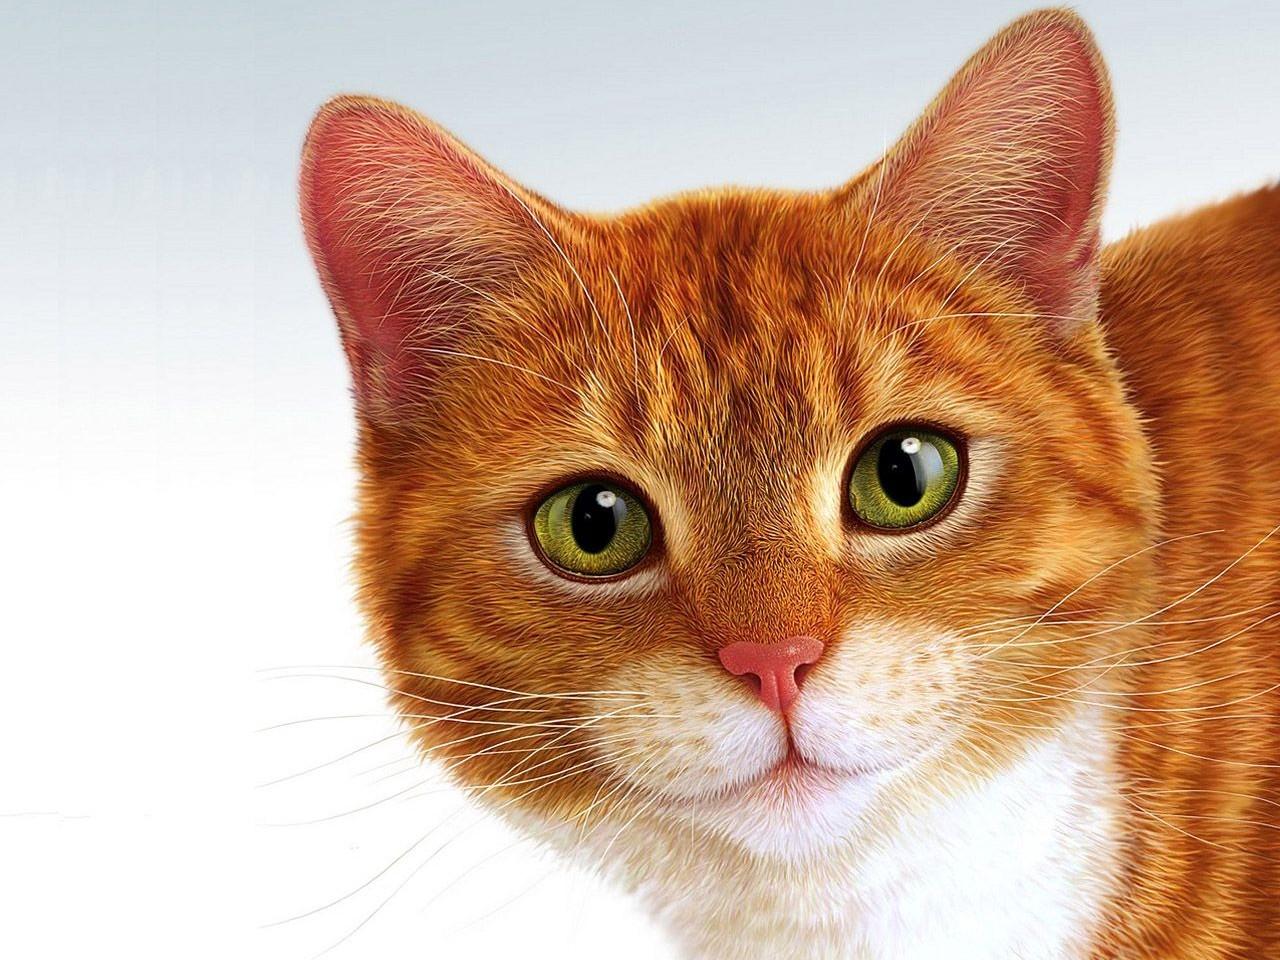 Рыжие коты видео бесплатно